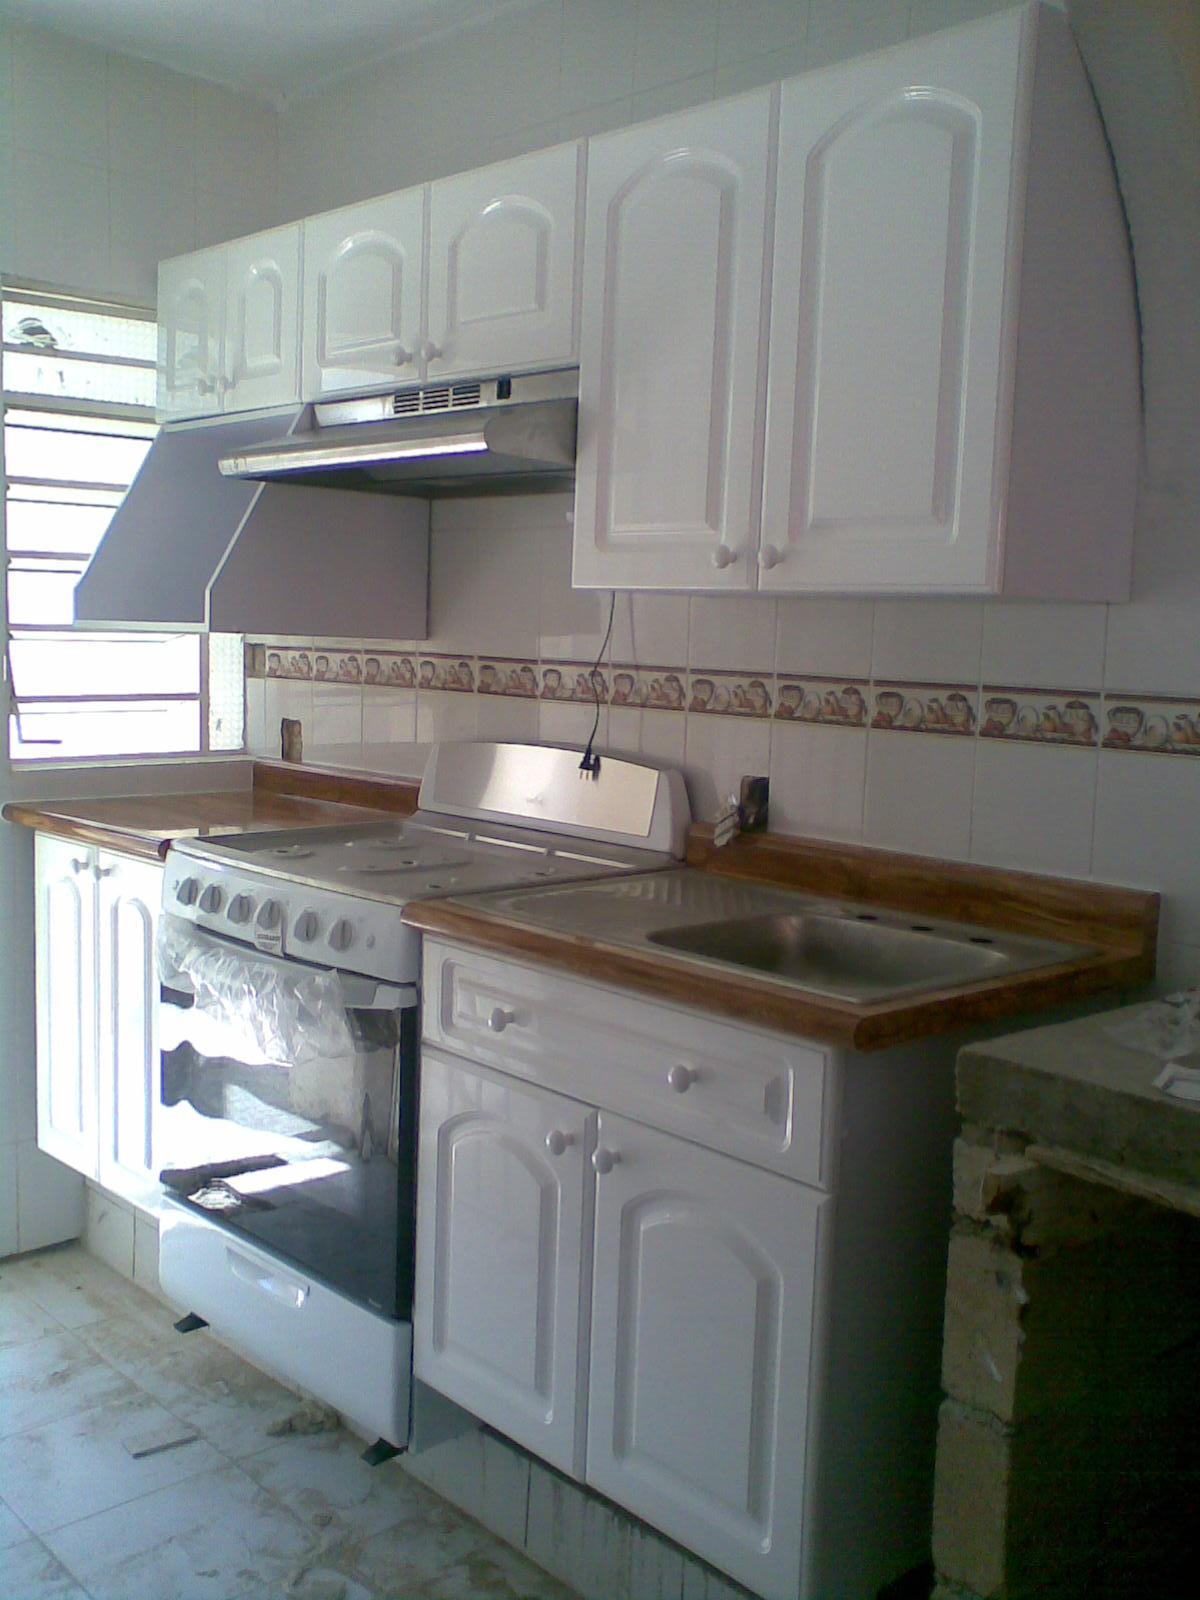 Cocinas integrales marcarso decoraci n de interiores - Cocinas de color blanco ...